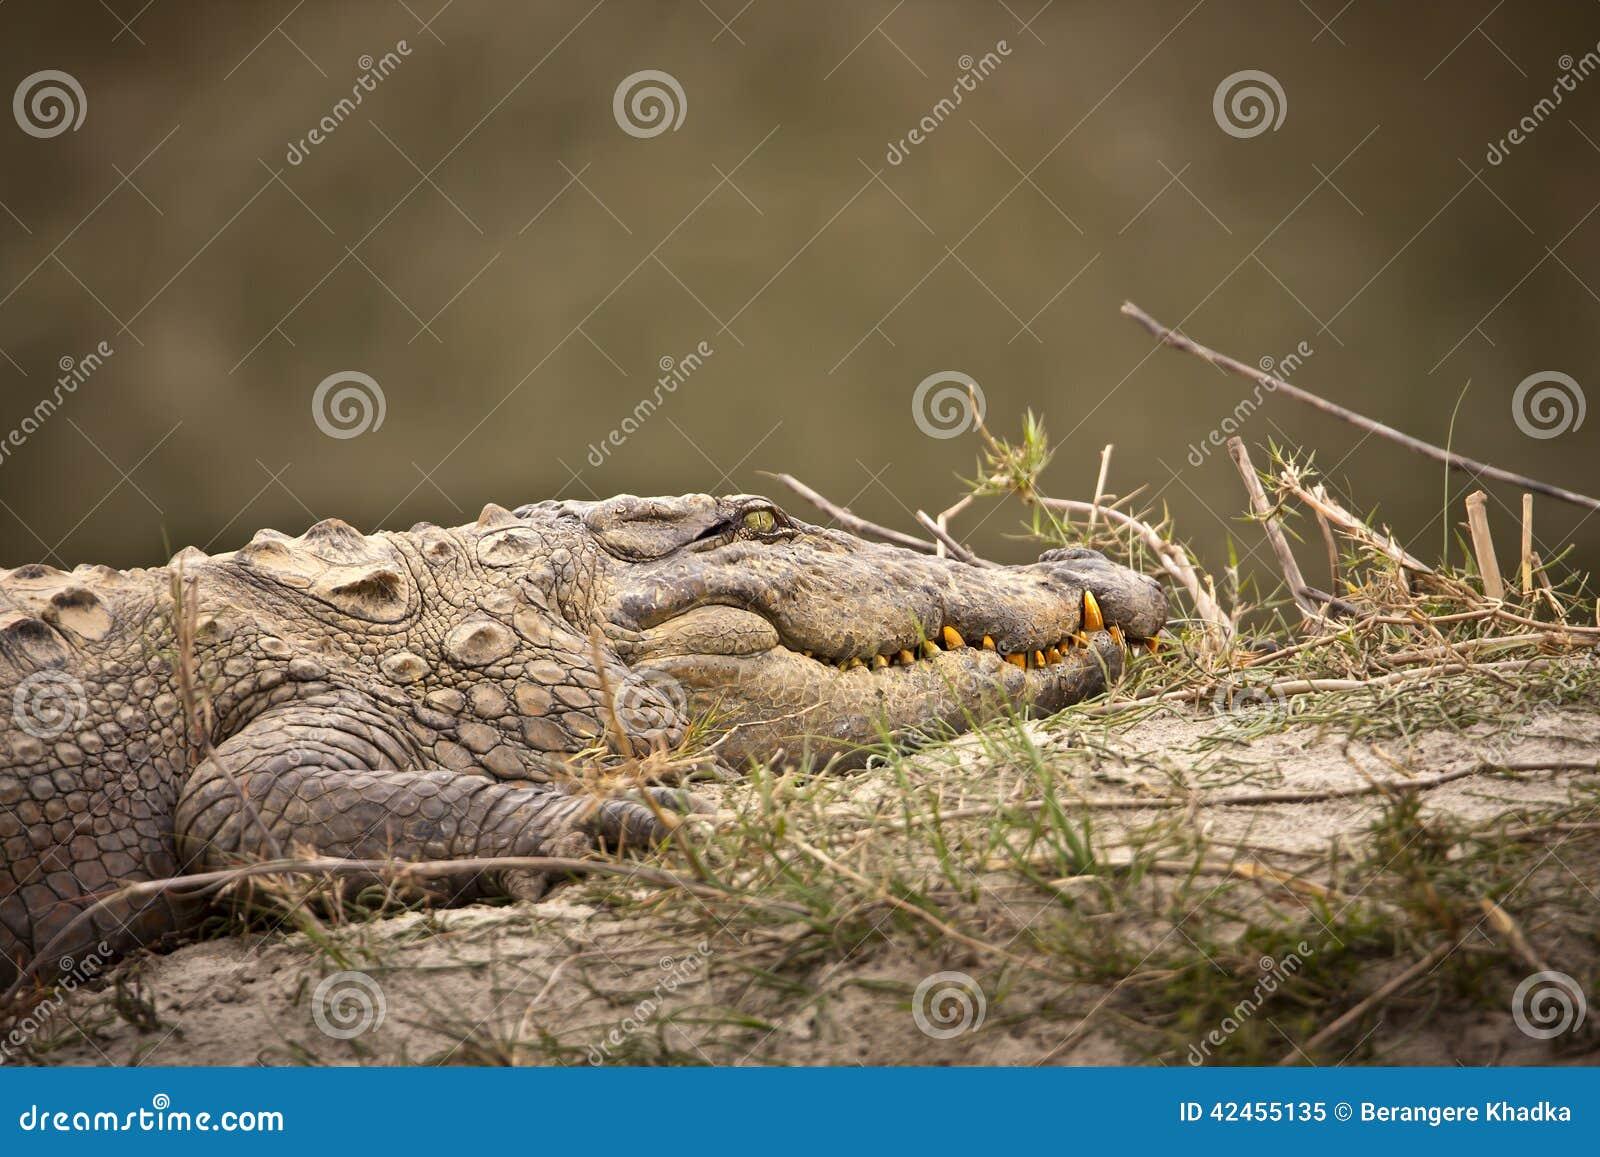 Krokodil, das auf dem Riverbank schläft